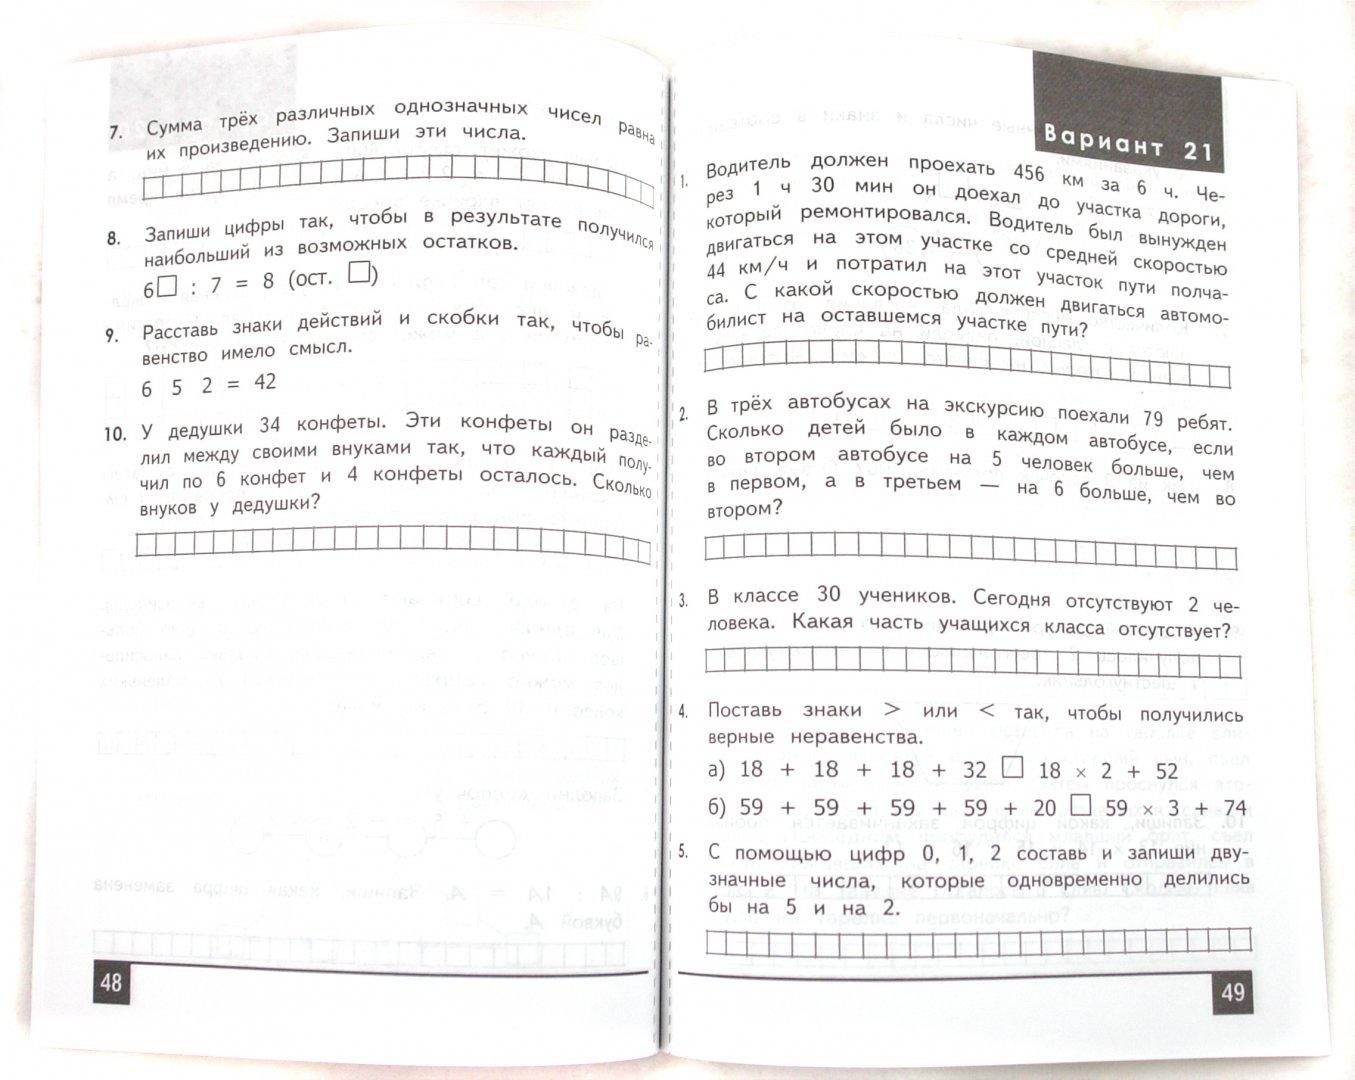 Иллюстрация 1 из 2 для Математика. 4 класс. Олимпиады. ФГОС - Орг, Белицкая | Лабиринт - книги. Источник: Лабиринт